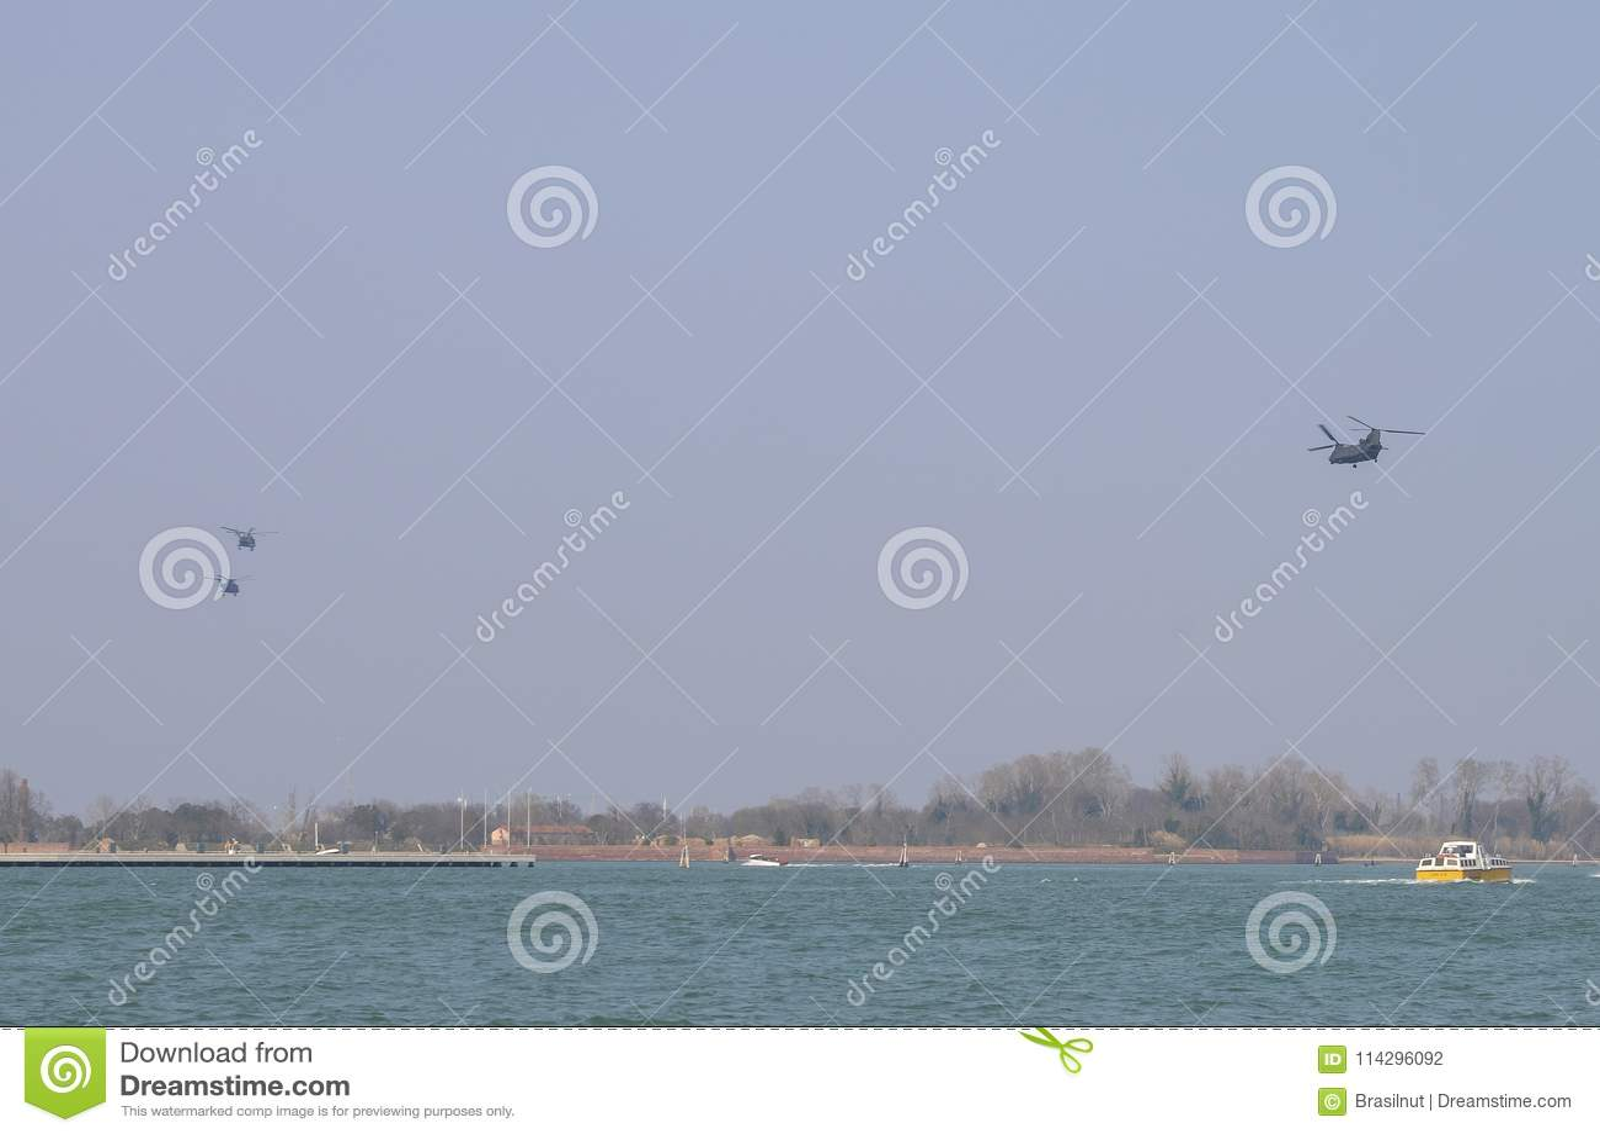 Воинские вертолеты в образовании над венецианской рубрикой лагуны к аэробазе Aviano в северовосточной Италии